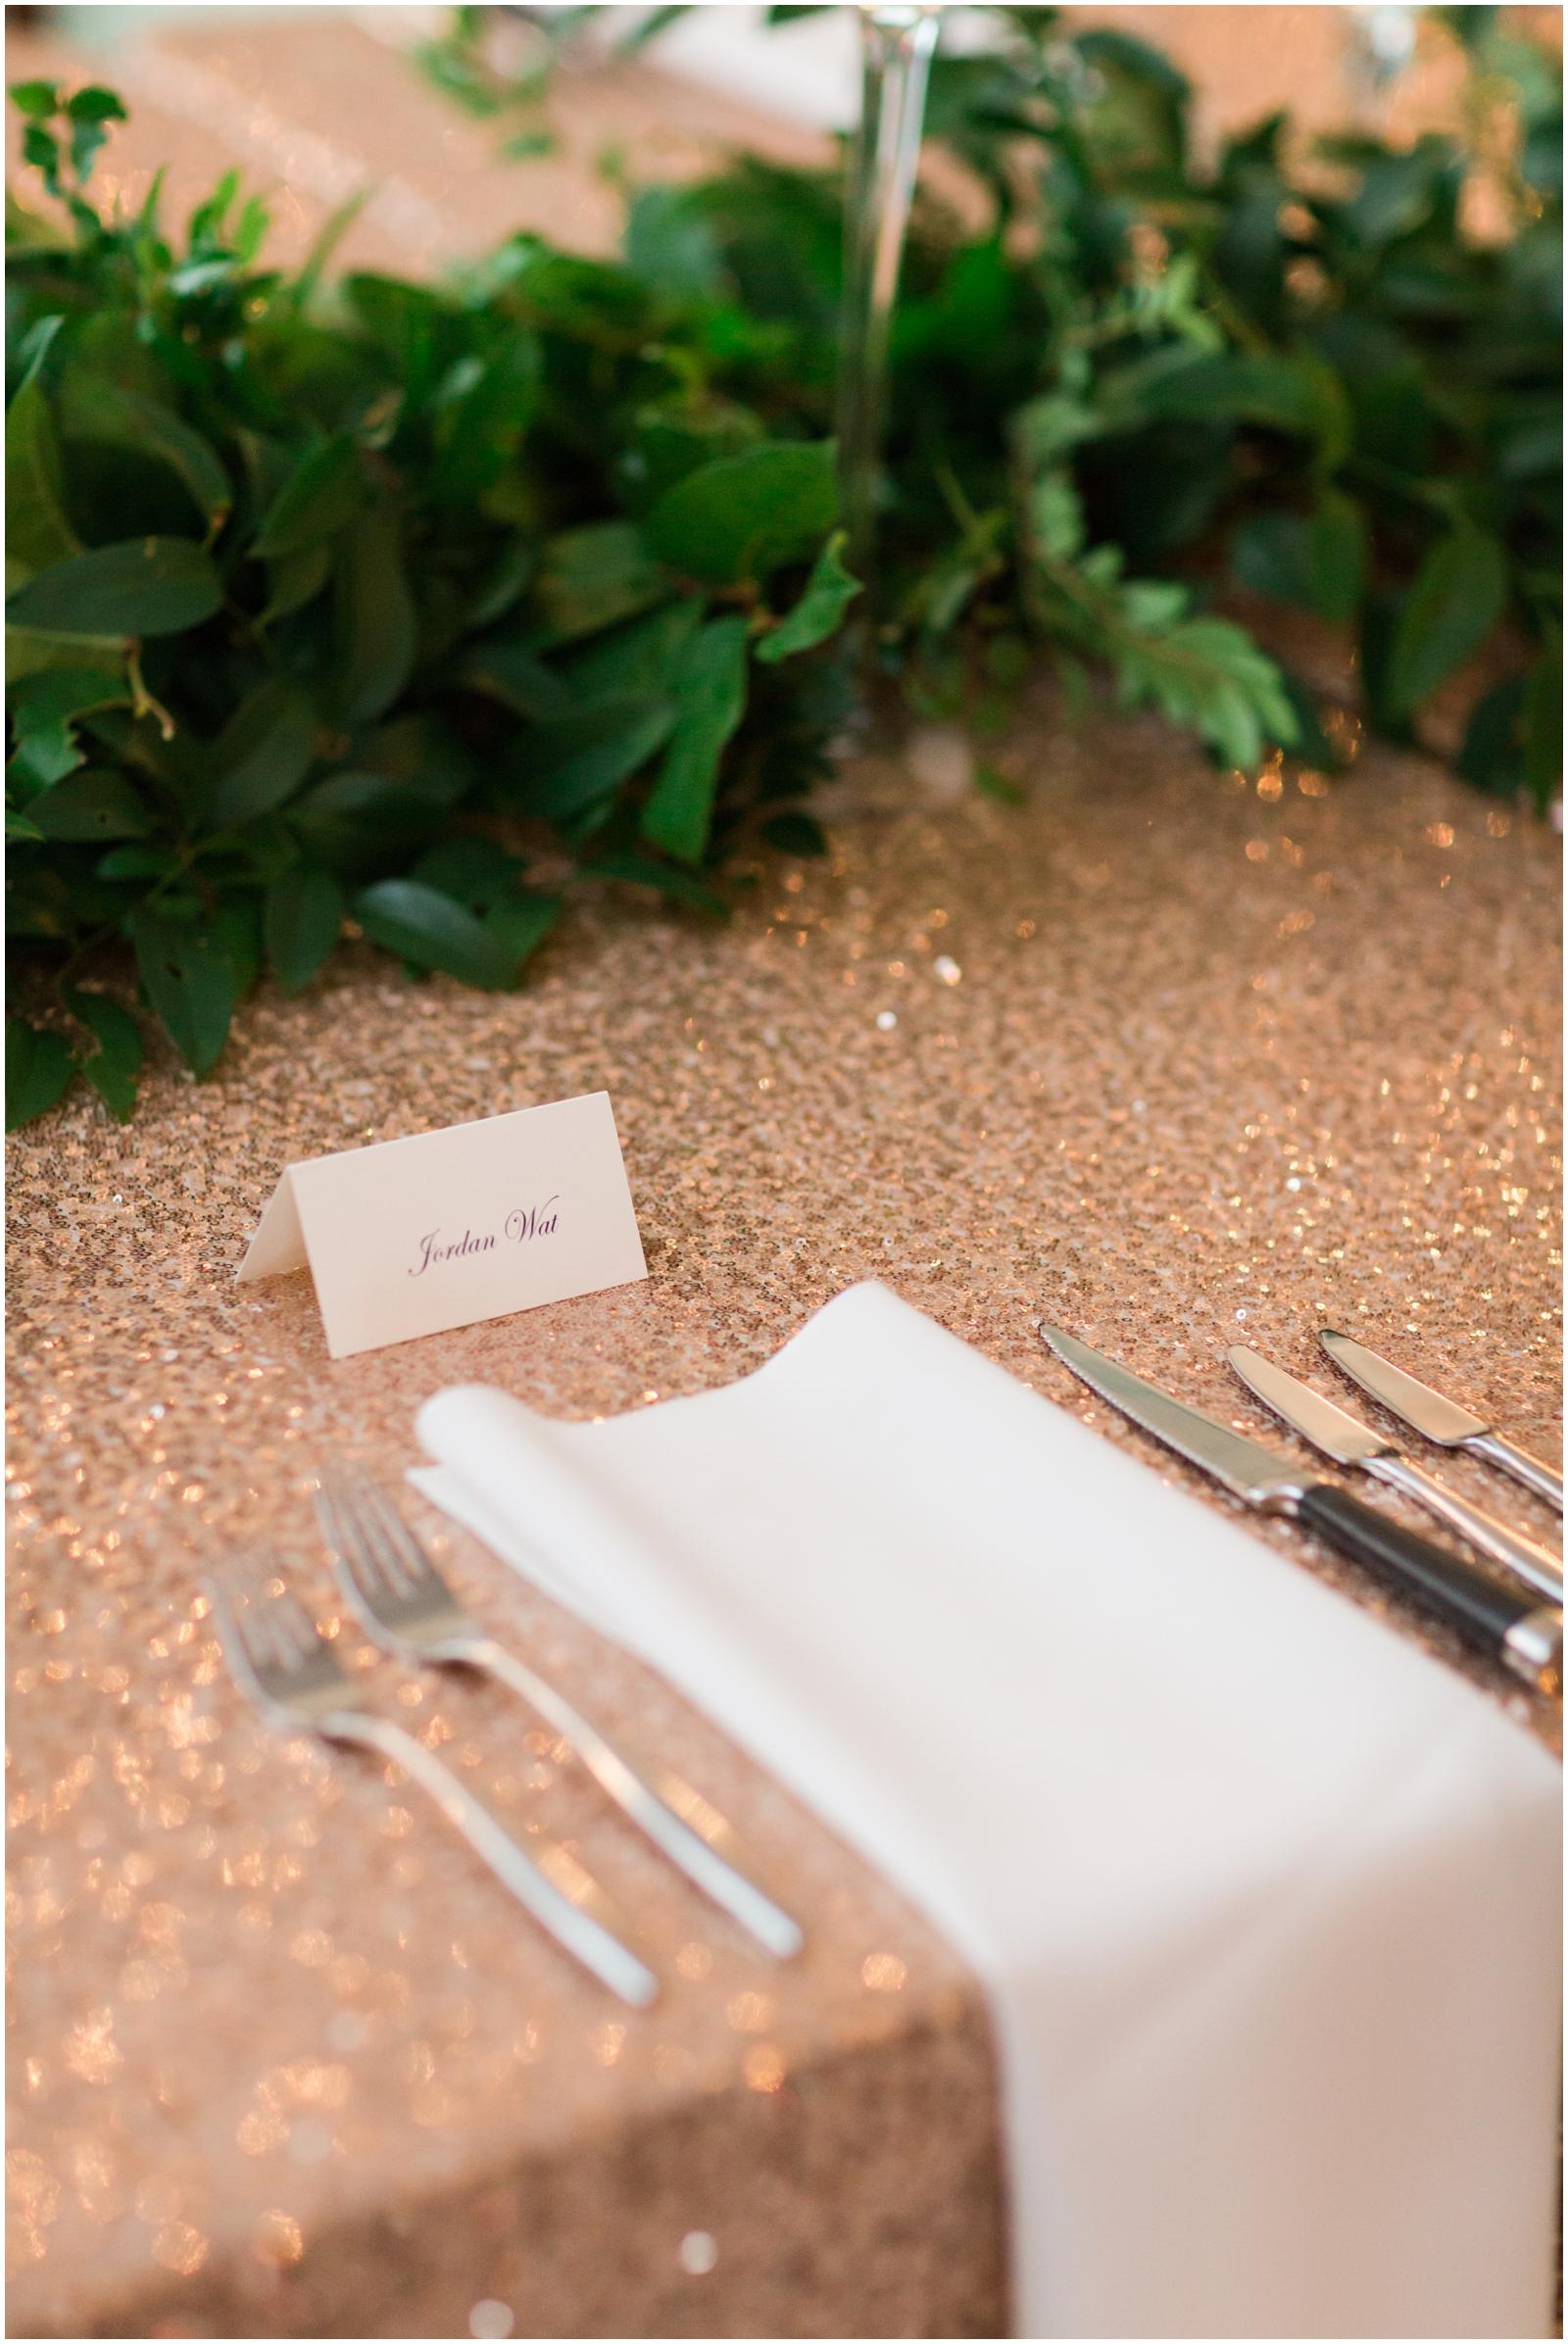 Hotel Ella Wedding- Austin Wedding + Event Planner_0122.jpg